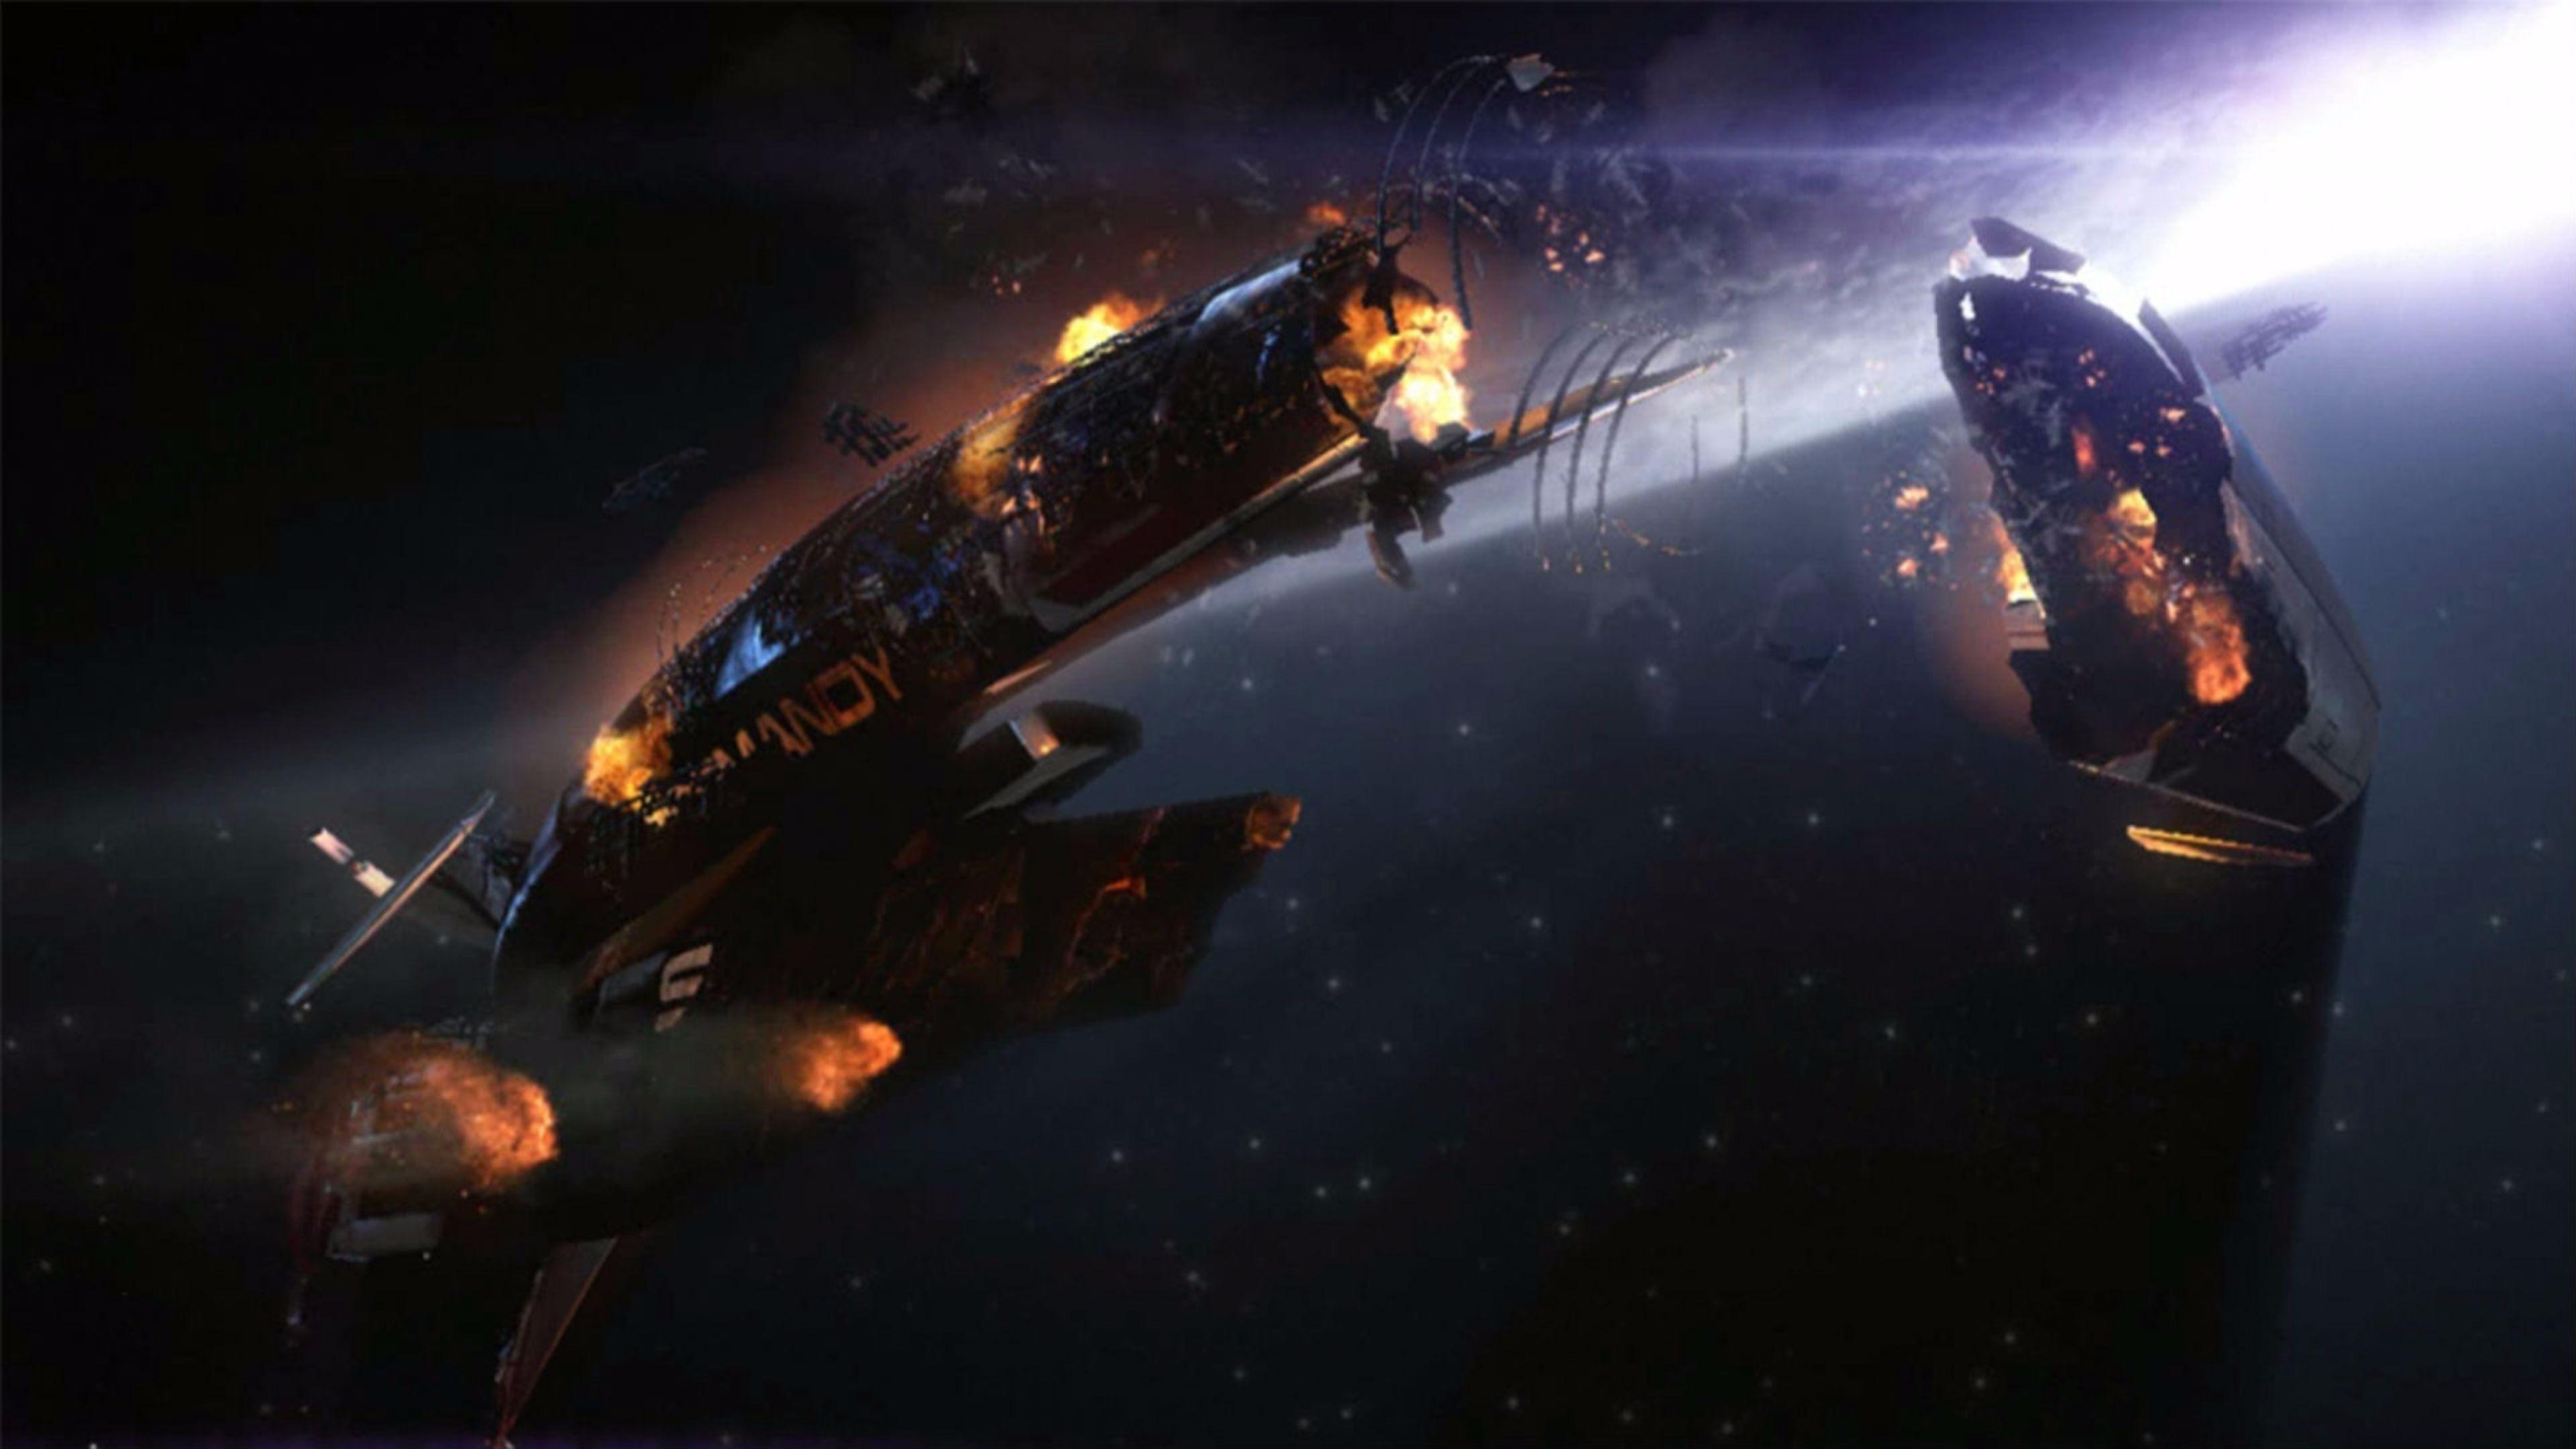 Mass Effect 4k Wallpapers Top Free Mass Effect 4k Backgrounds